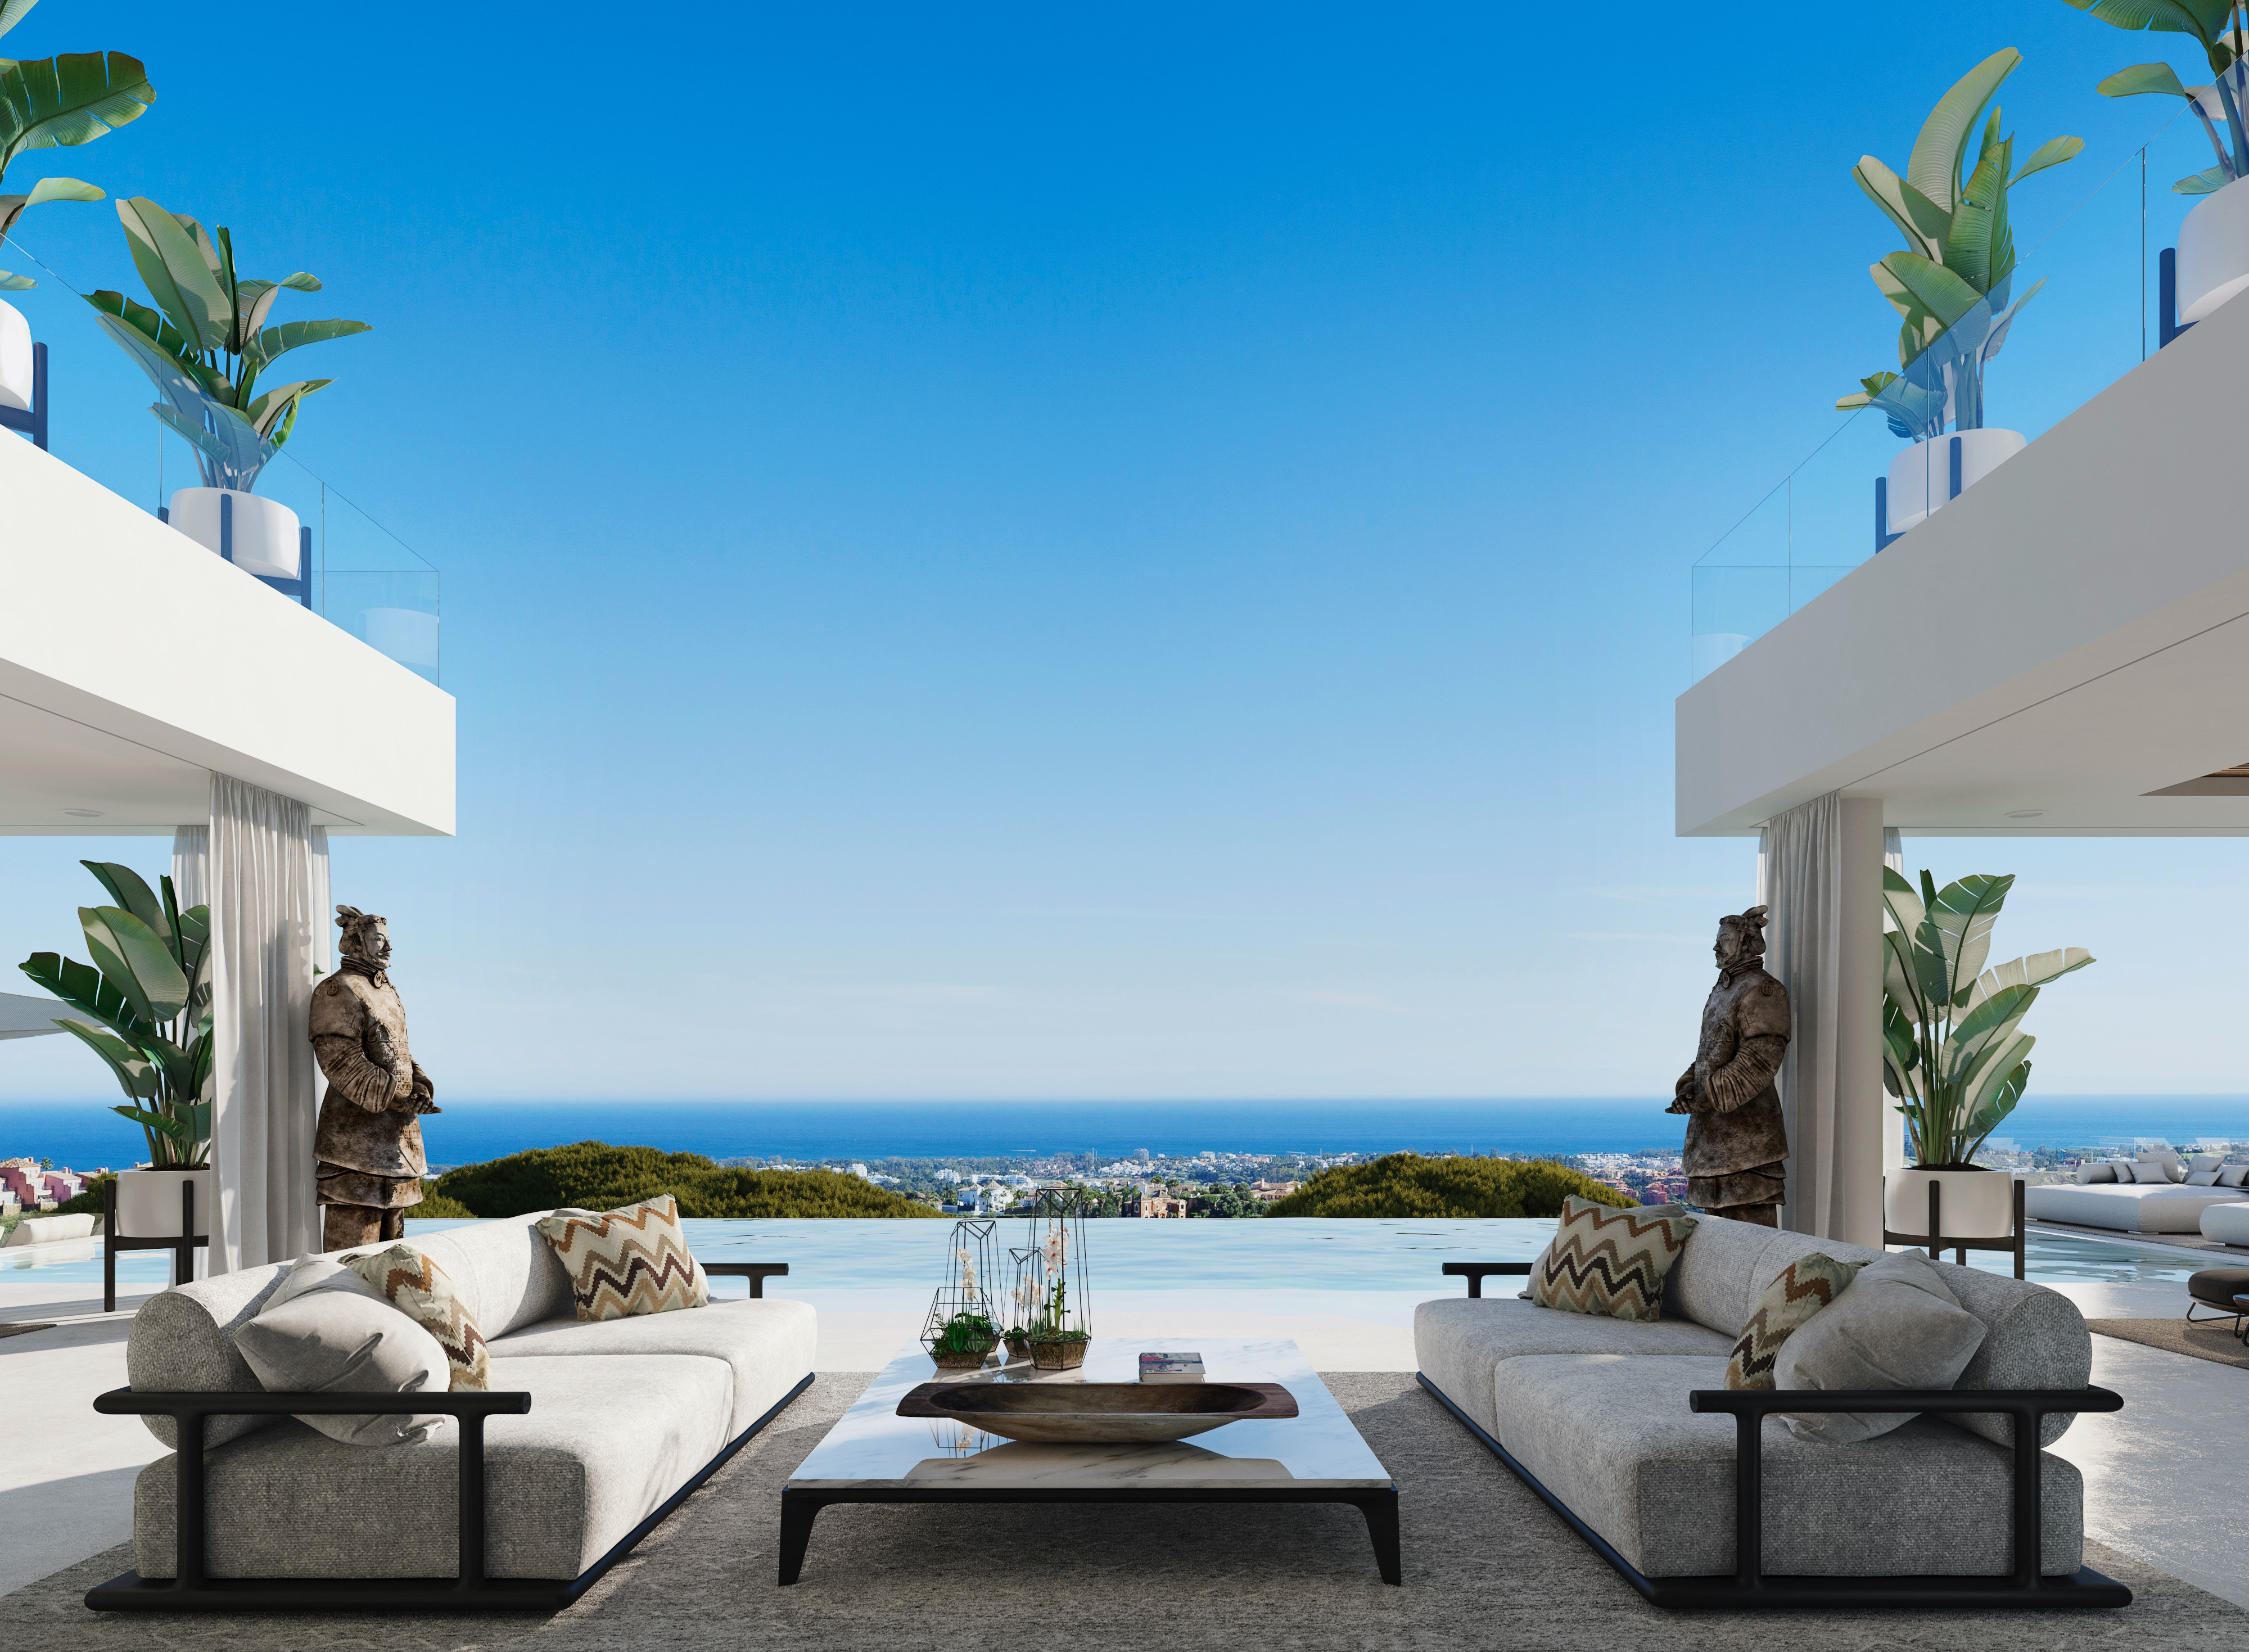 Ref:359-00116P Villa For Sale in Benahavis